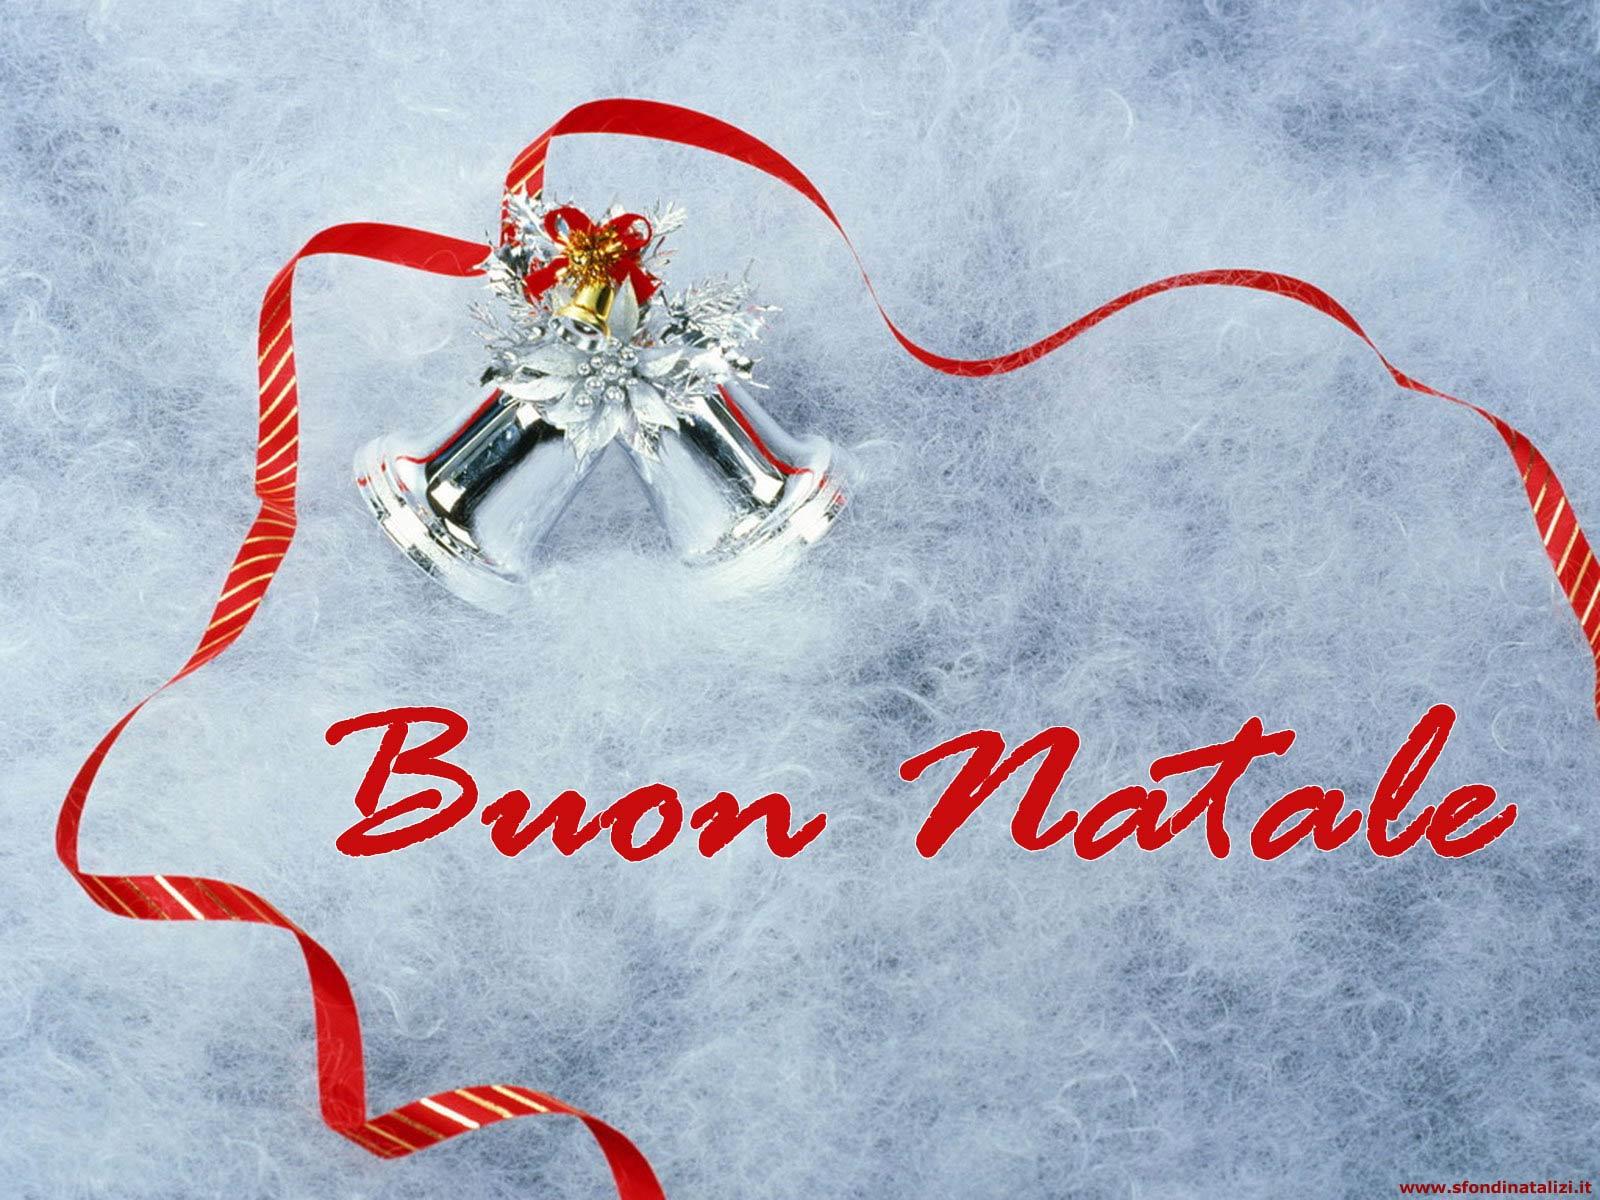 Sfondo Natalizio - Sfondo Campane di Natale